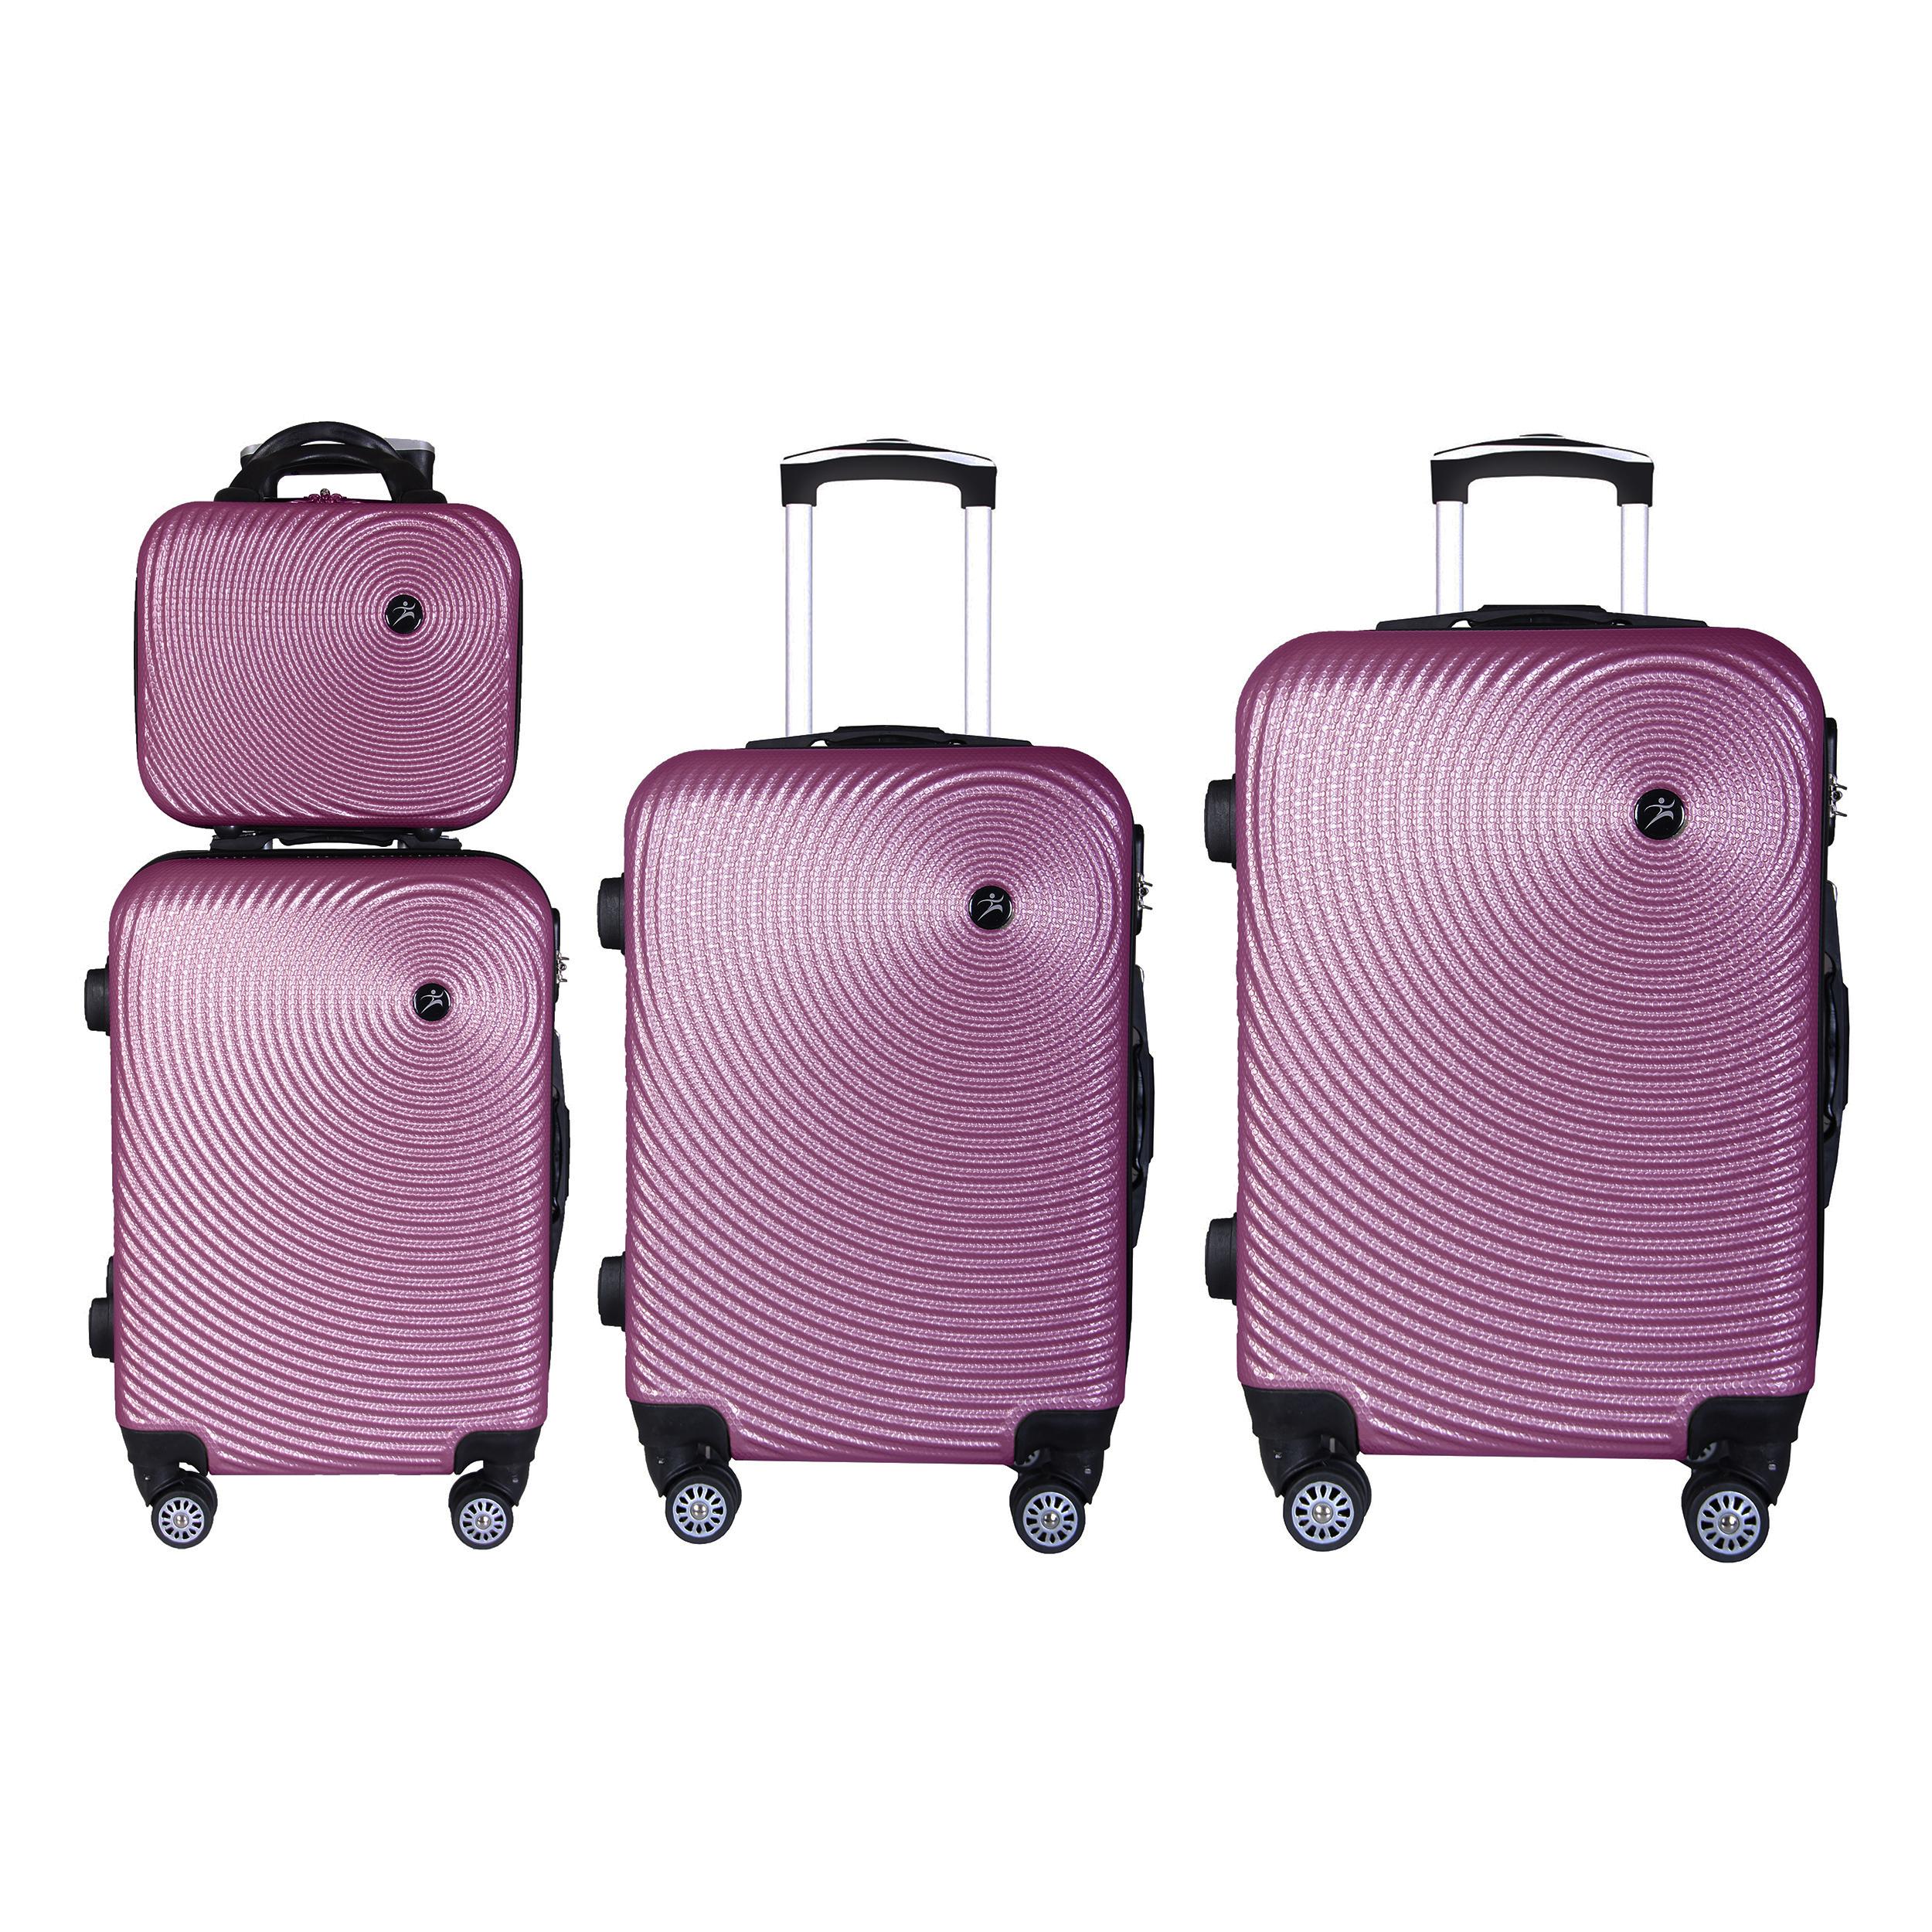 مجموعه چهار عددی چمدان اسپرت من مدل NS001 thumb 2